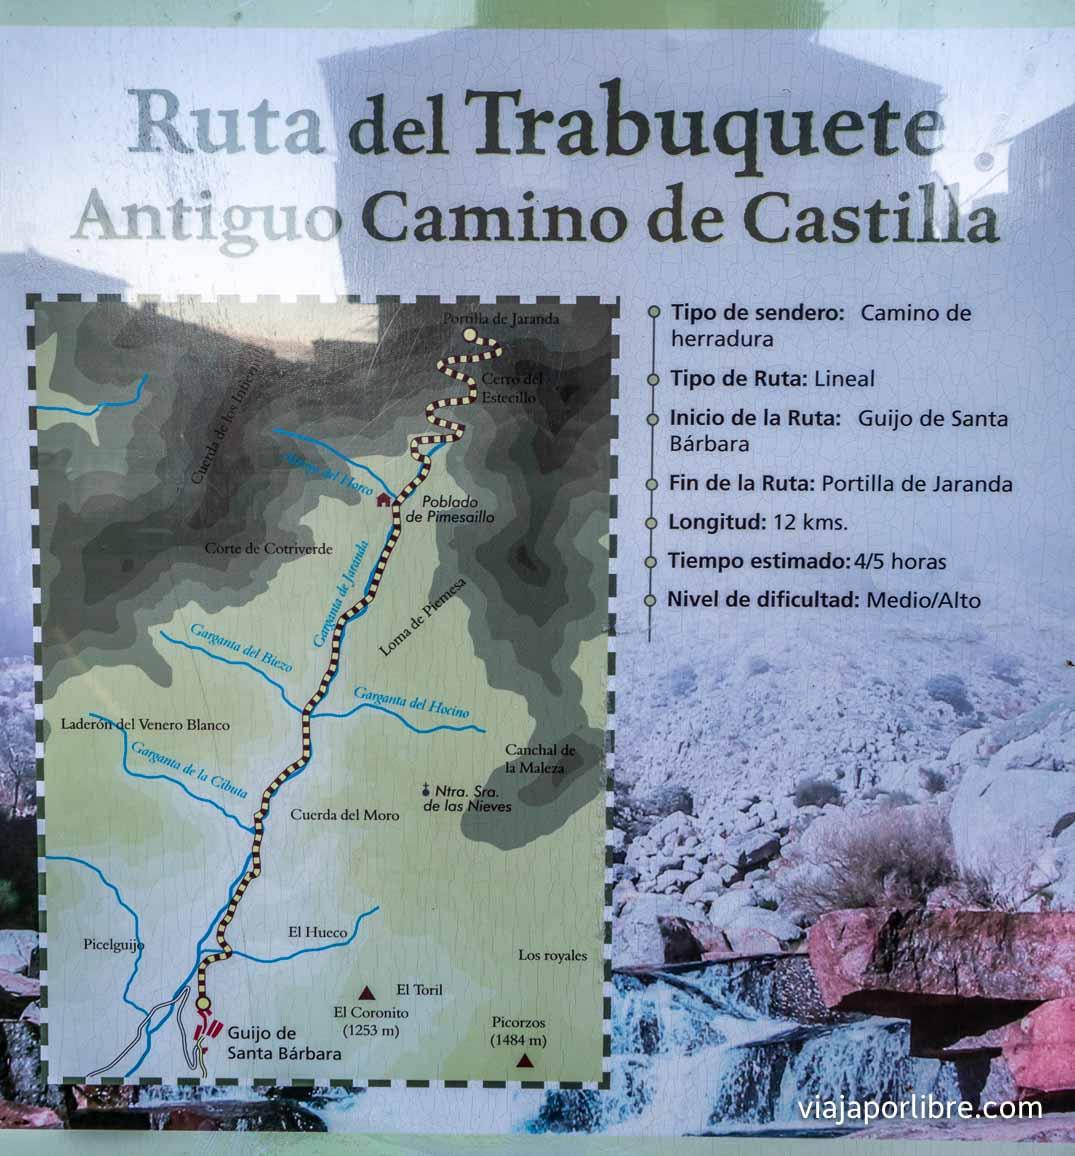 Ruta del Trabuquete